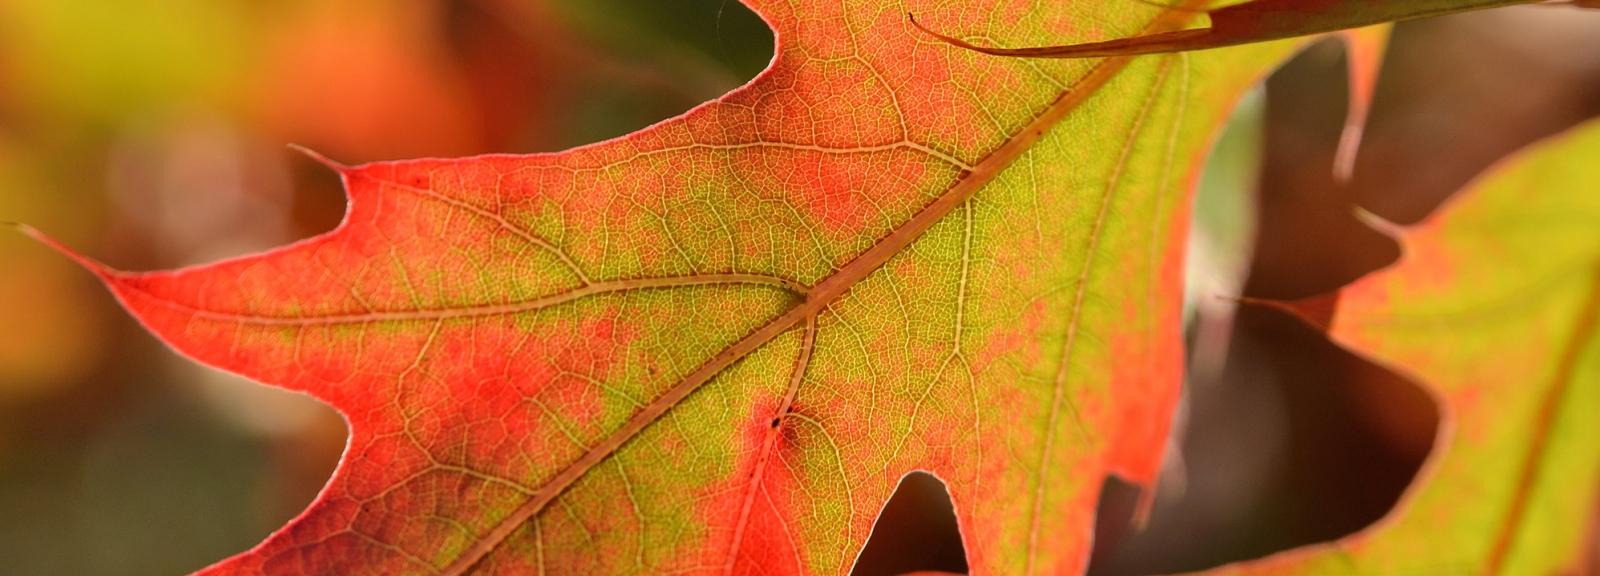 Feuille de chêne Quercus rubra © MNHN - S. Gerbault